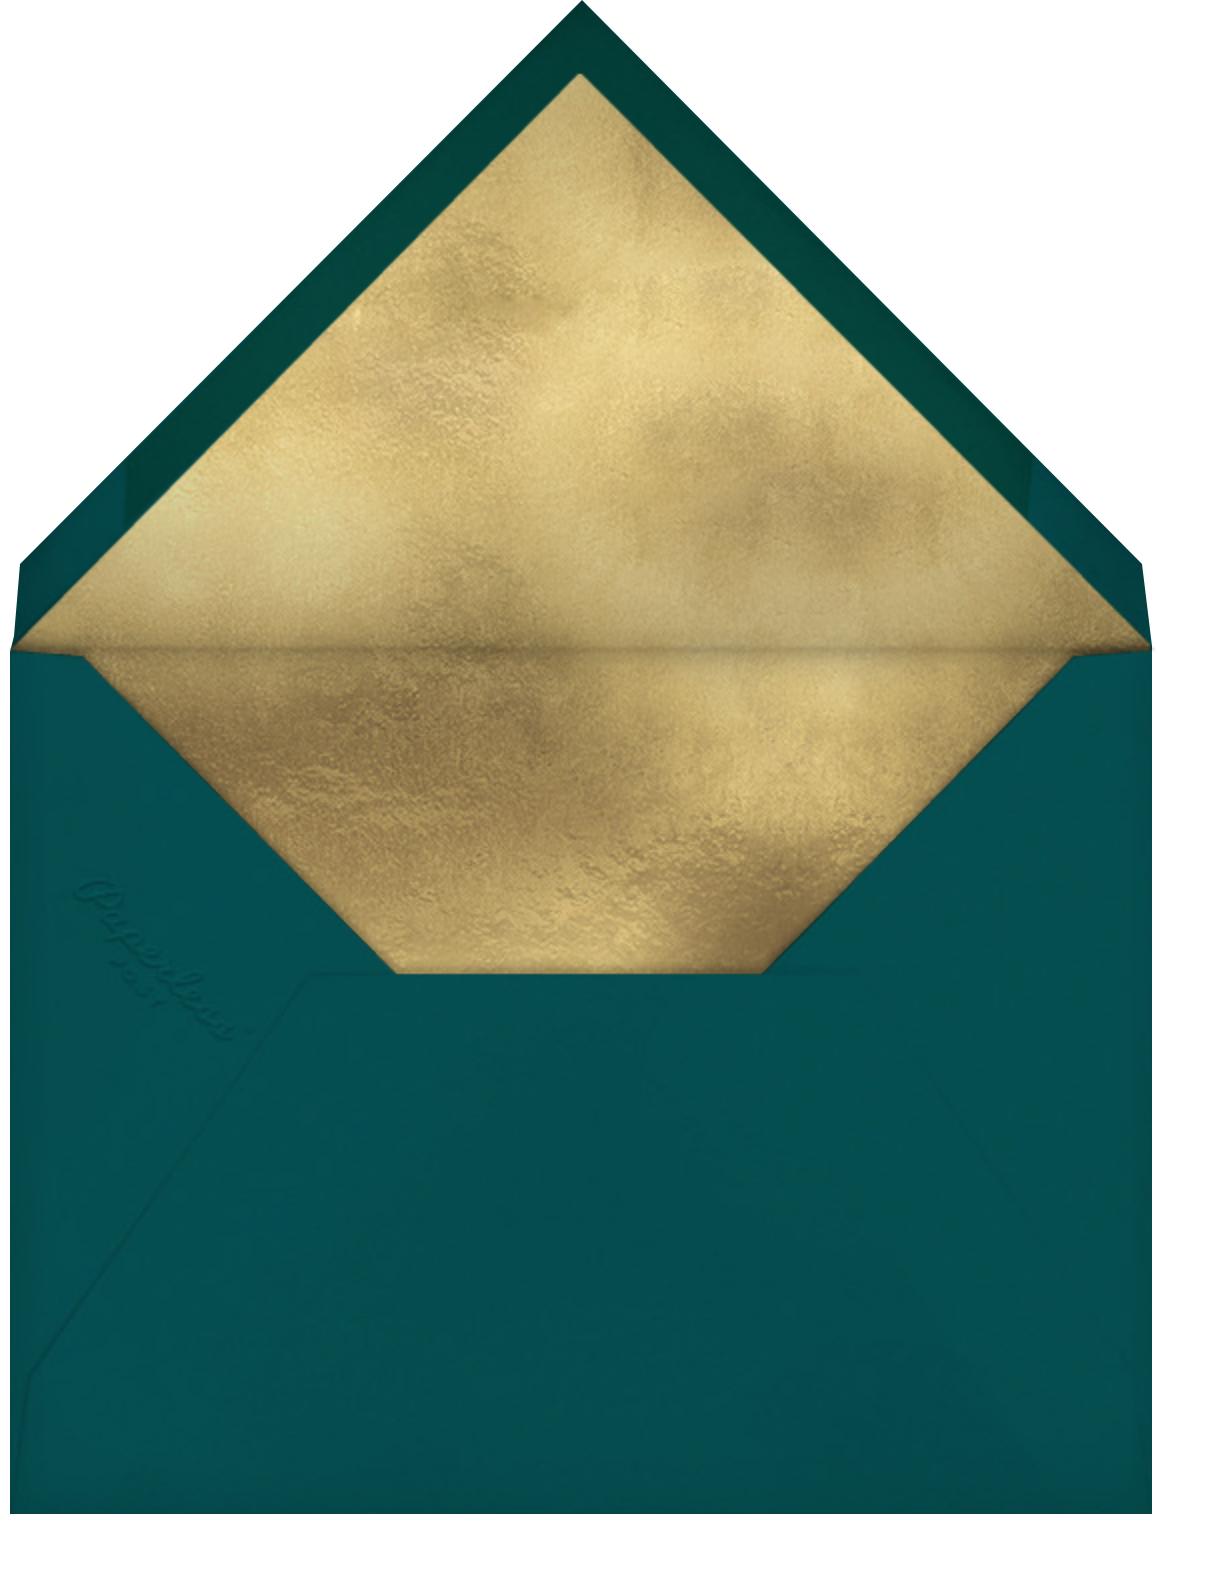 Greenery Garland - Meri Meri - Corporate invitations - envelope back